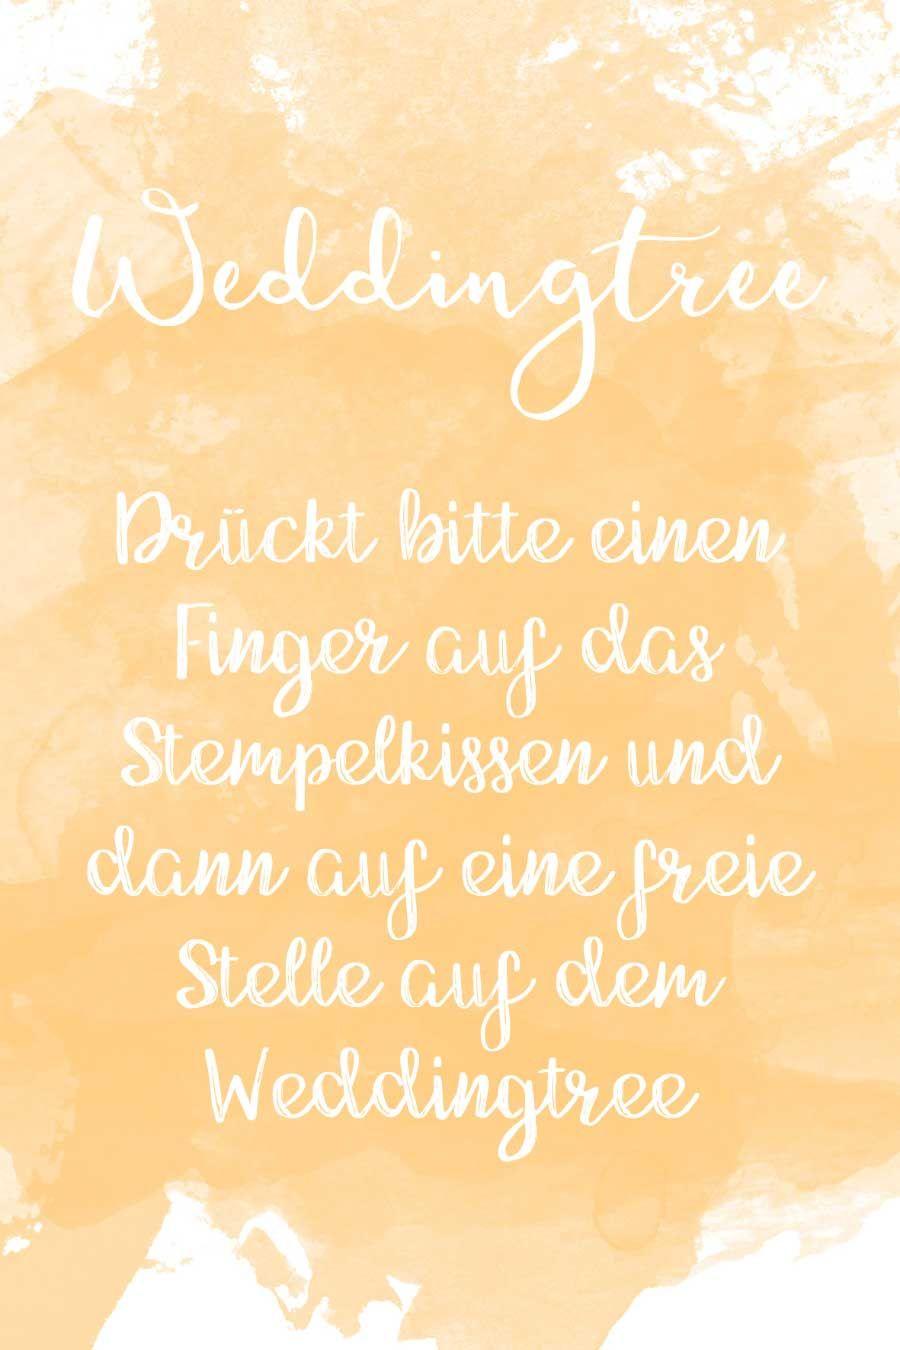 Weddingtree Schild-Vorlage im Wasserfarben-Look. Findet bei uns ...